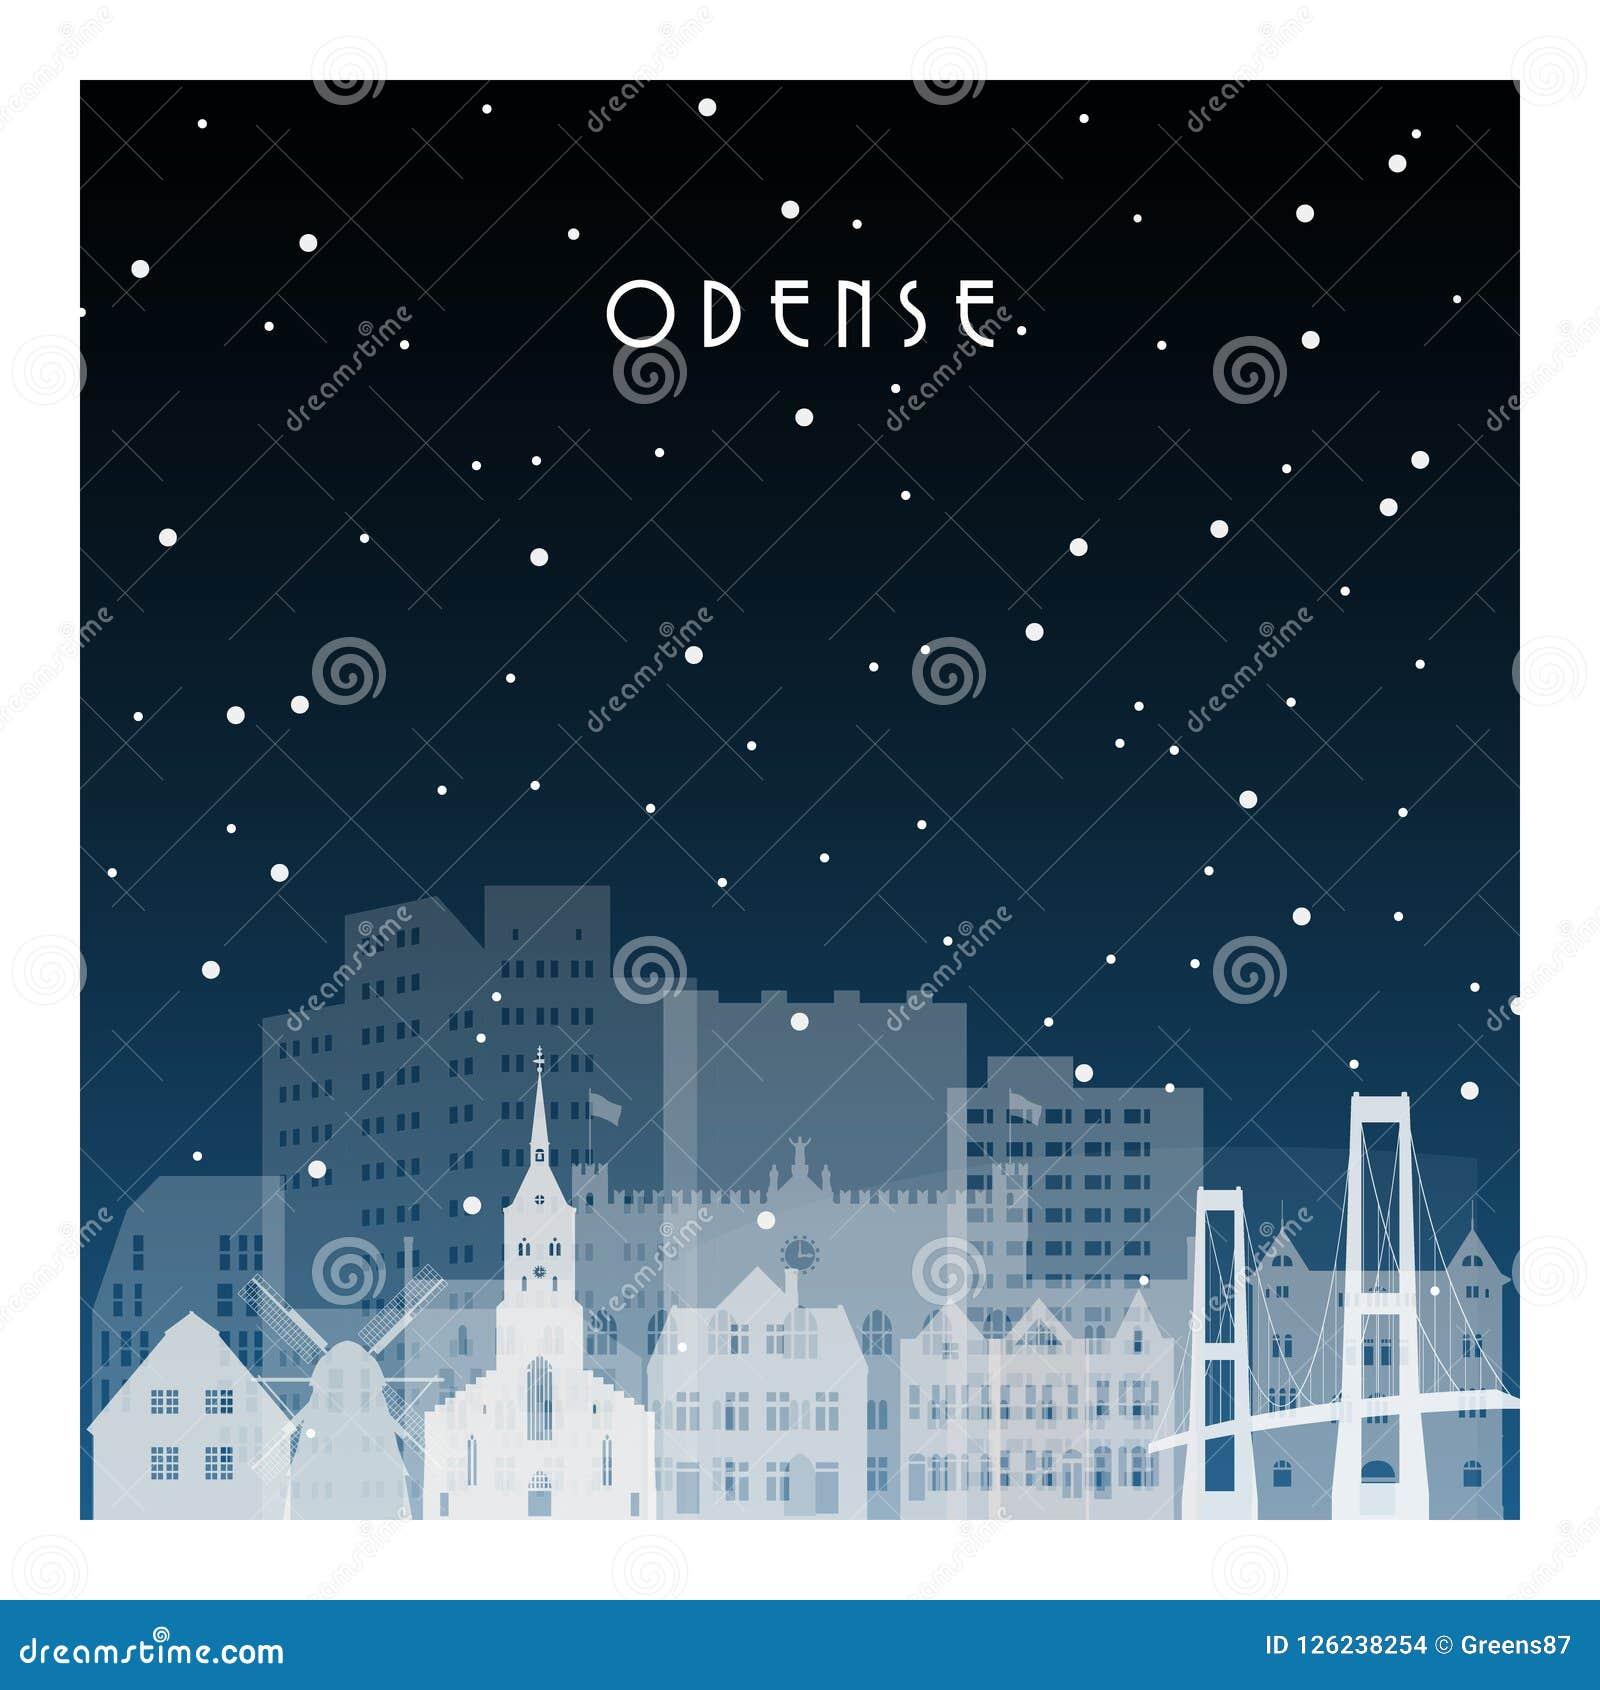 Noite do inverno em Odense